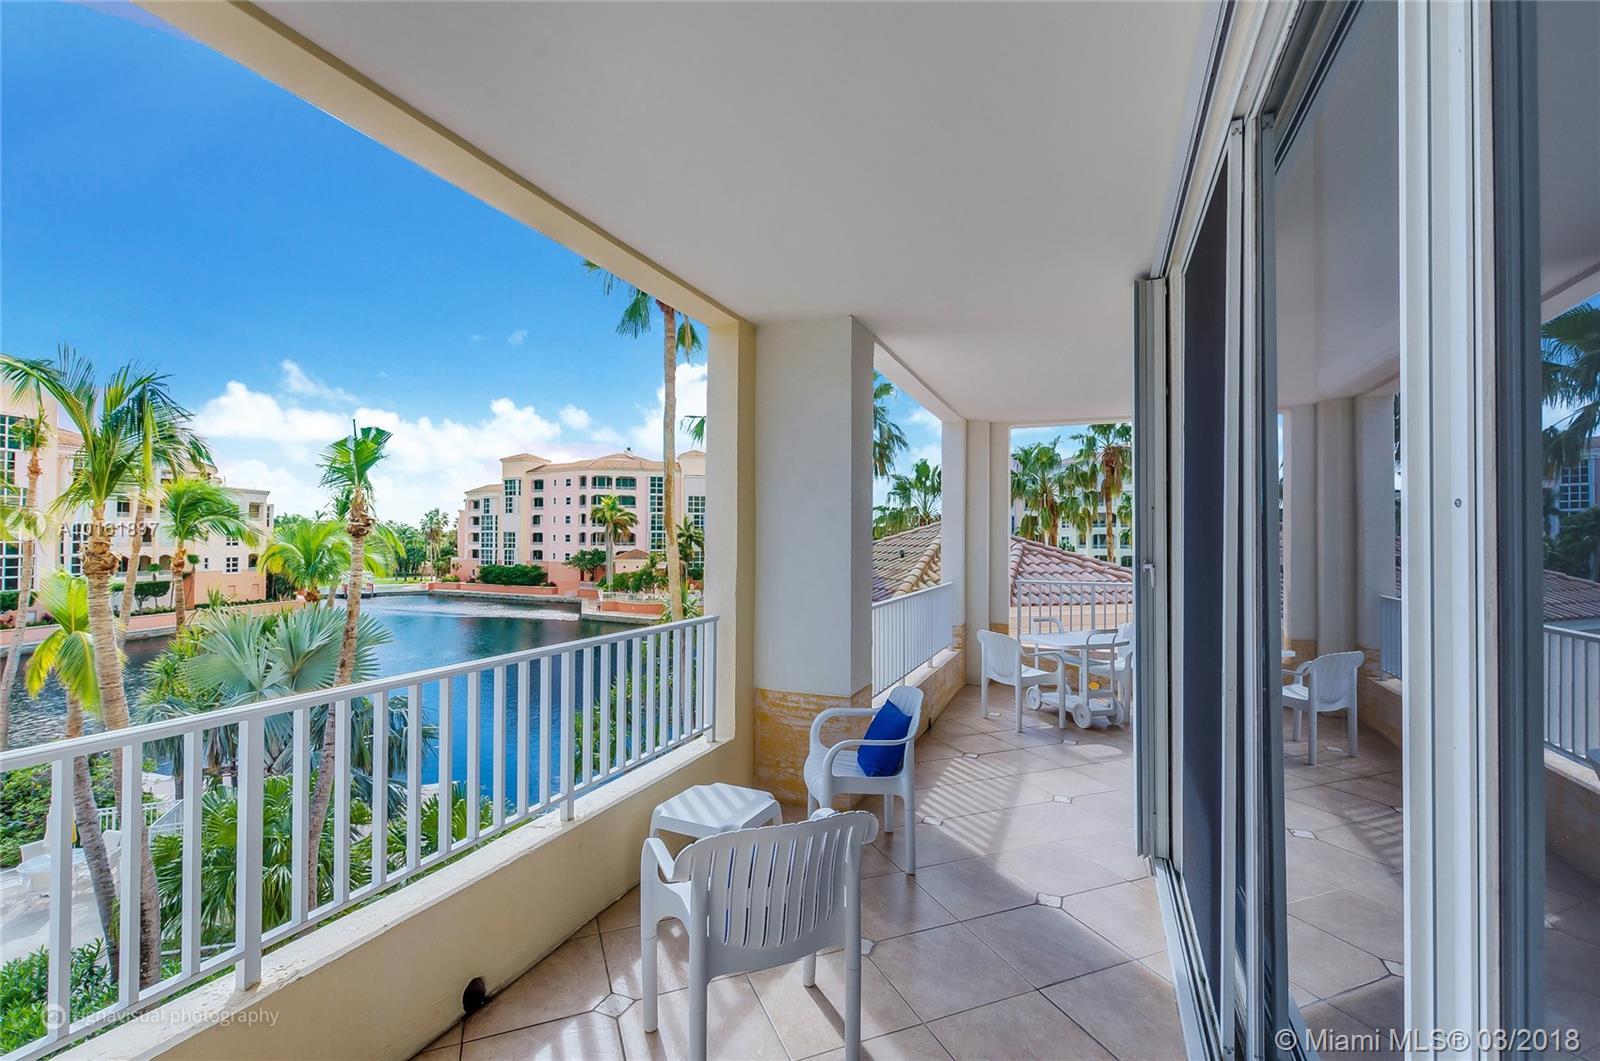 Ocean Resort Villa One